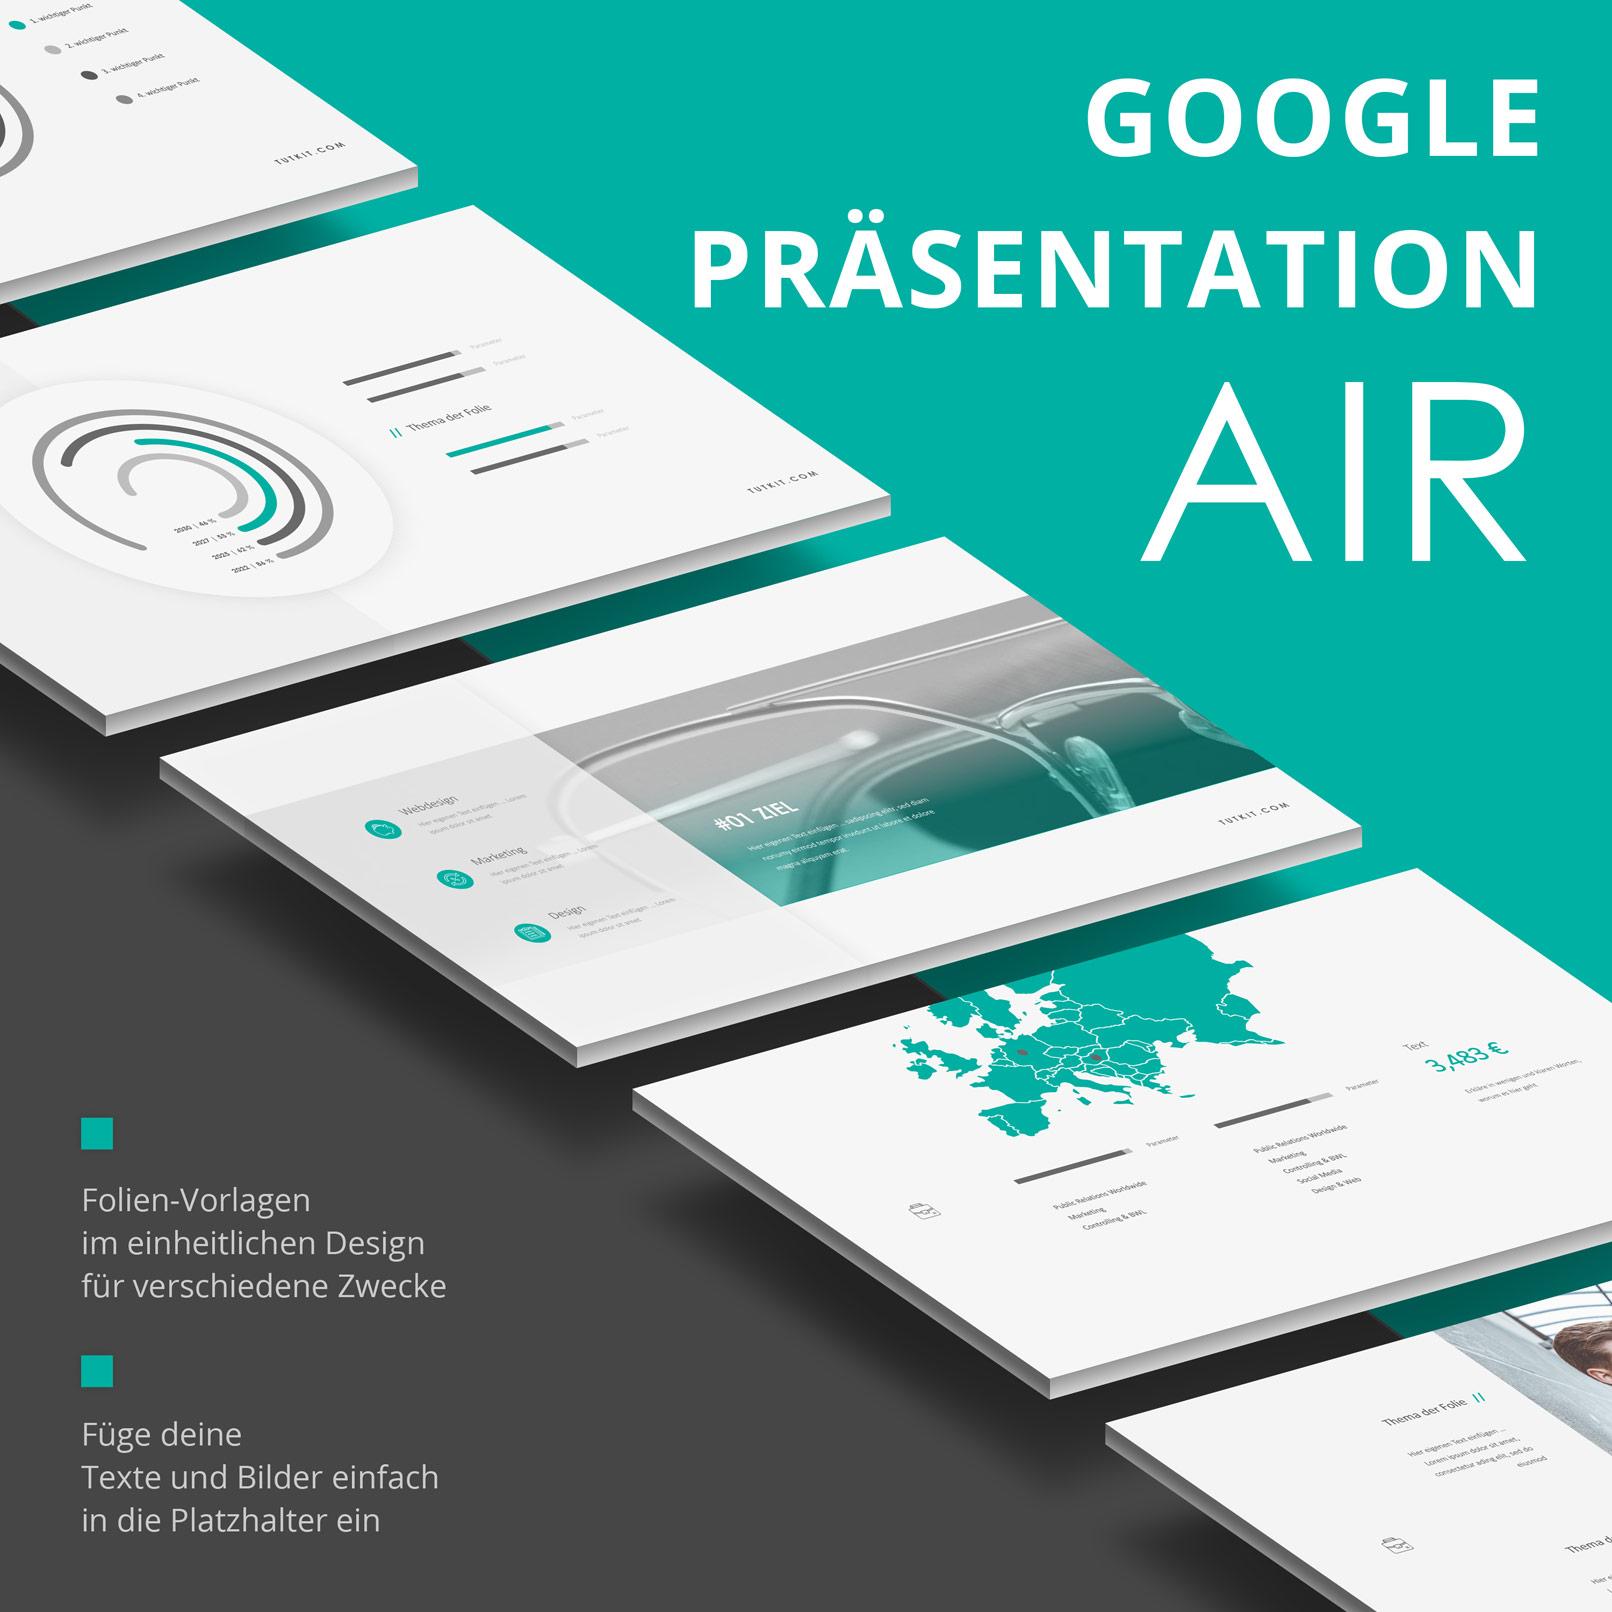 Vorlagen für Google Präsentationen im Air-Design: Zusammenfassung der Features